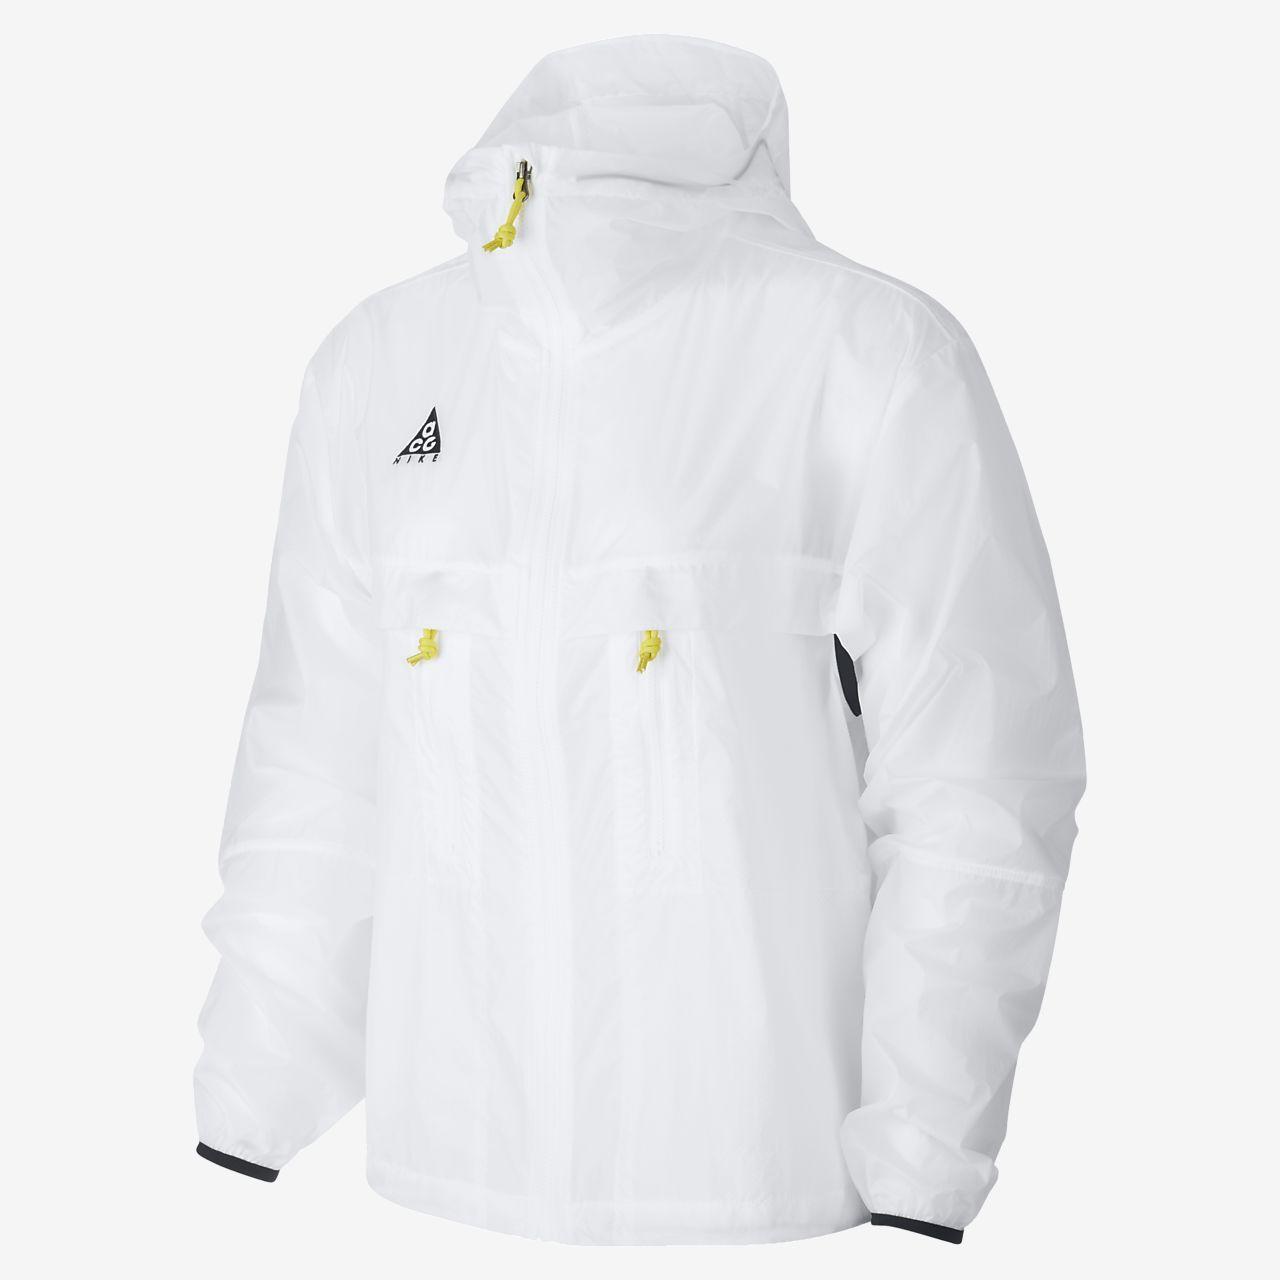 Veste à capuche Nike ACG pour Femme